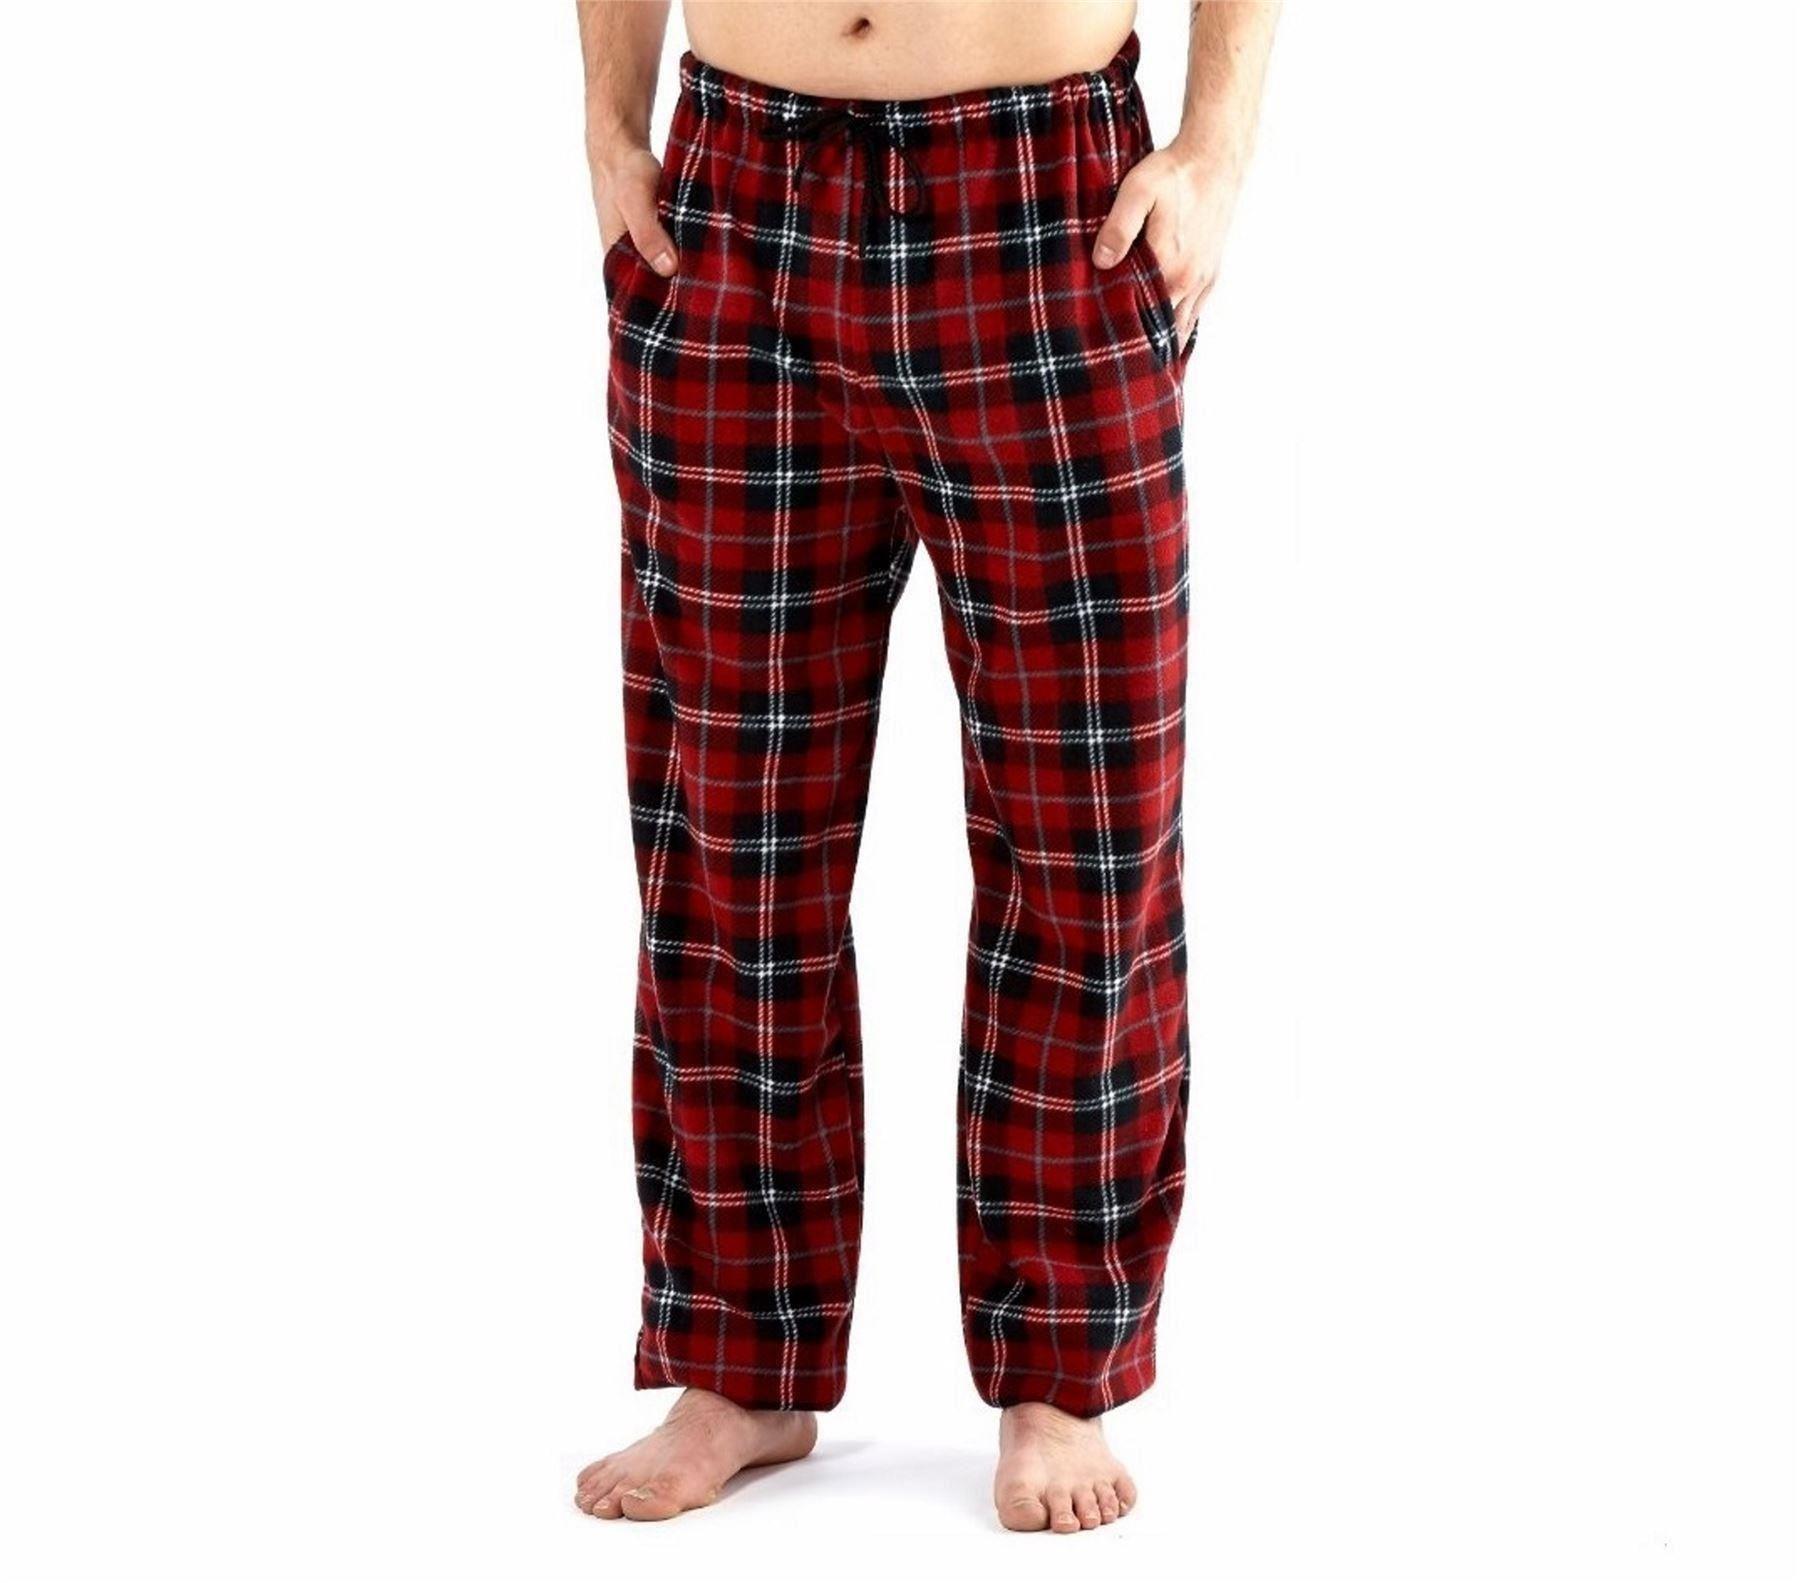 pantalon de d tente homme polaire pyjama bas pantalon flanelle s m l xl ebay. Black Bedroom Furniture Sets. Home Design Ideas